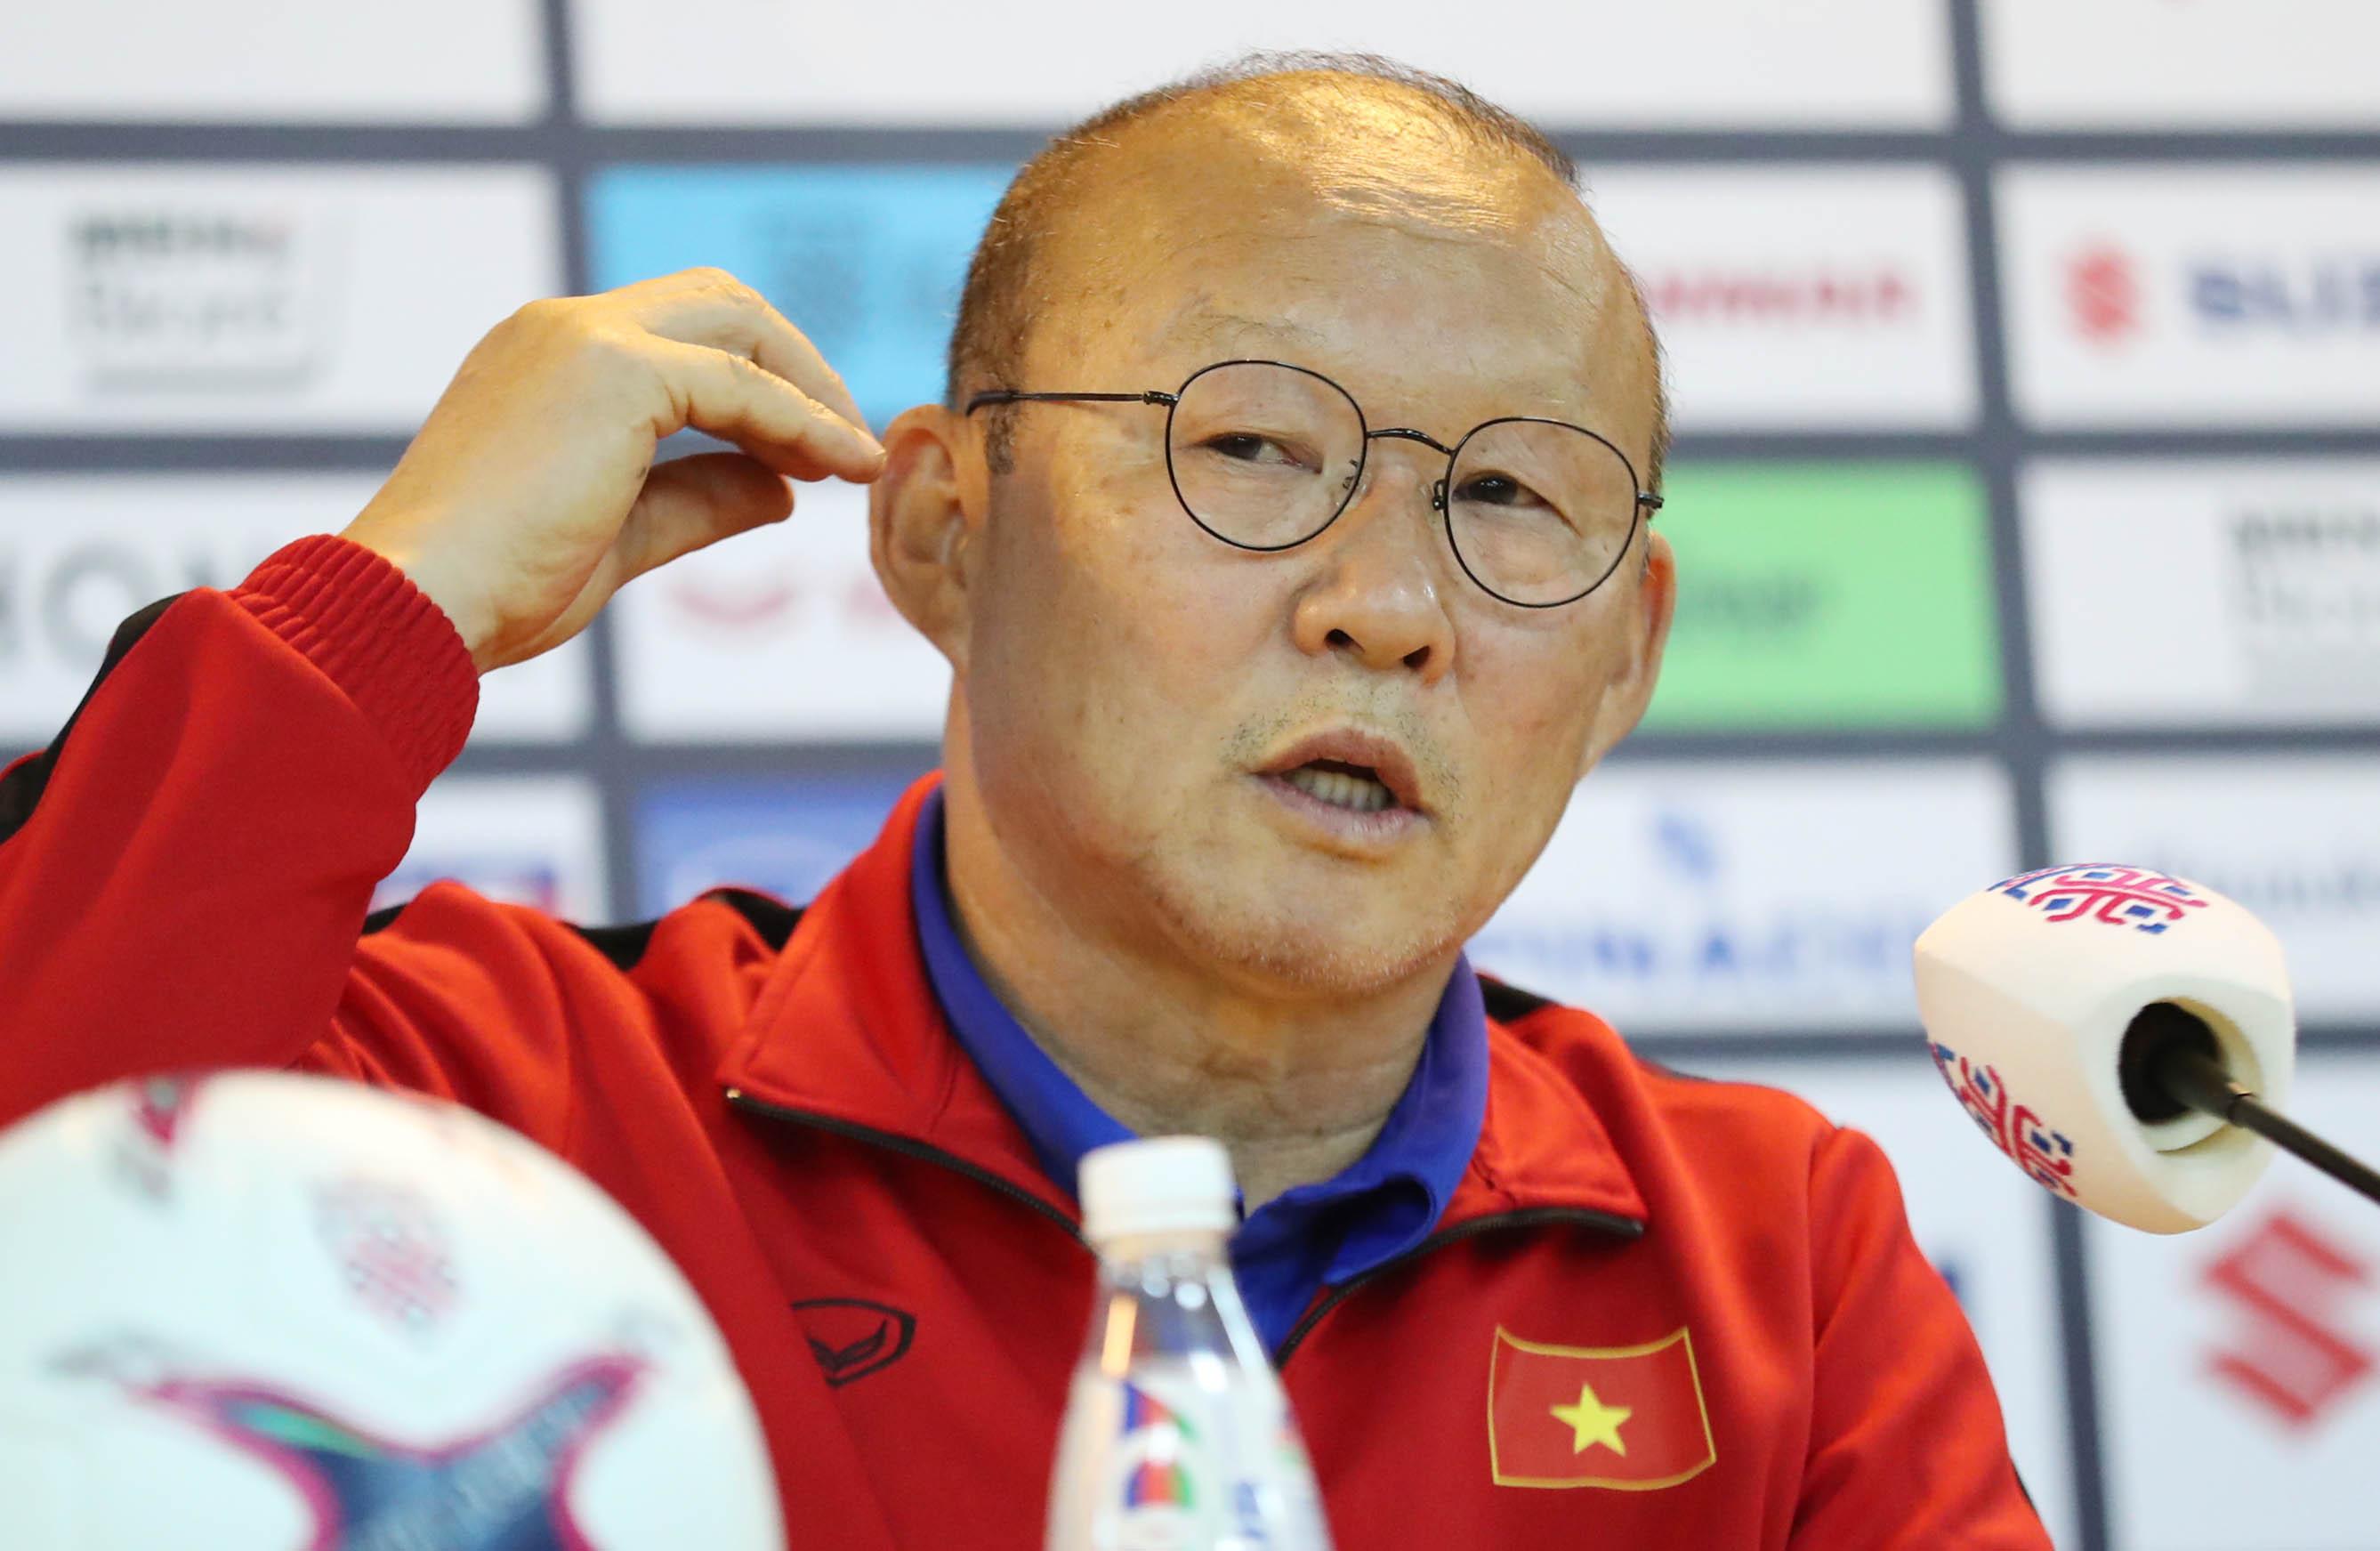 Điểm tin bóng đá Việt Nam tối 19/04: Thầy Park lên tiếng vụ U22 Việt Nam vào nhóm lót đường SEA Games 30 - Bóng Đá